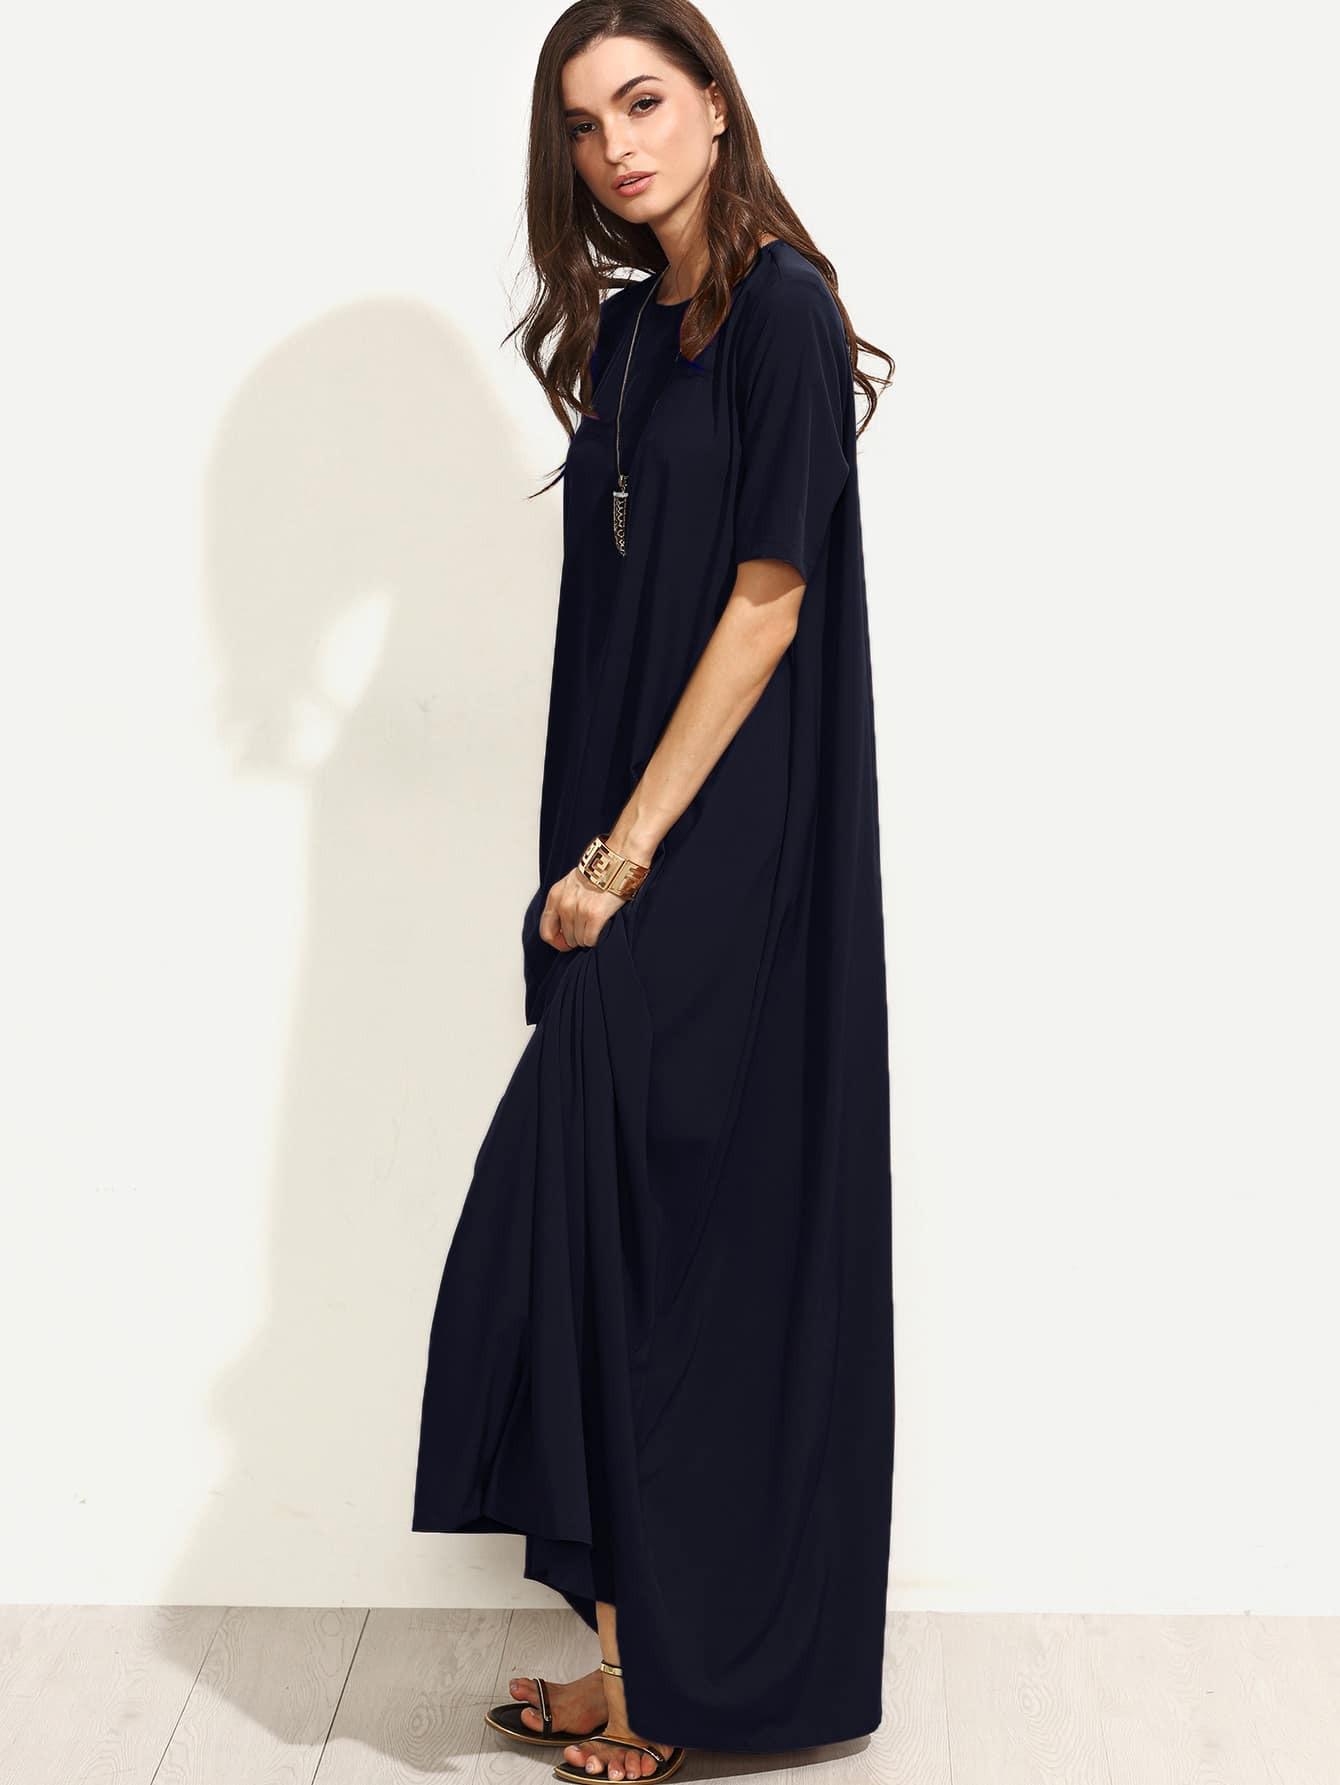 Langes Tshirt Kleid Mit Reißverschluss Hinten  Shein